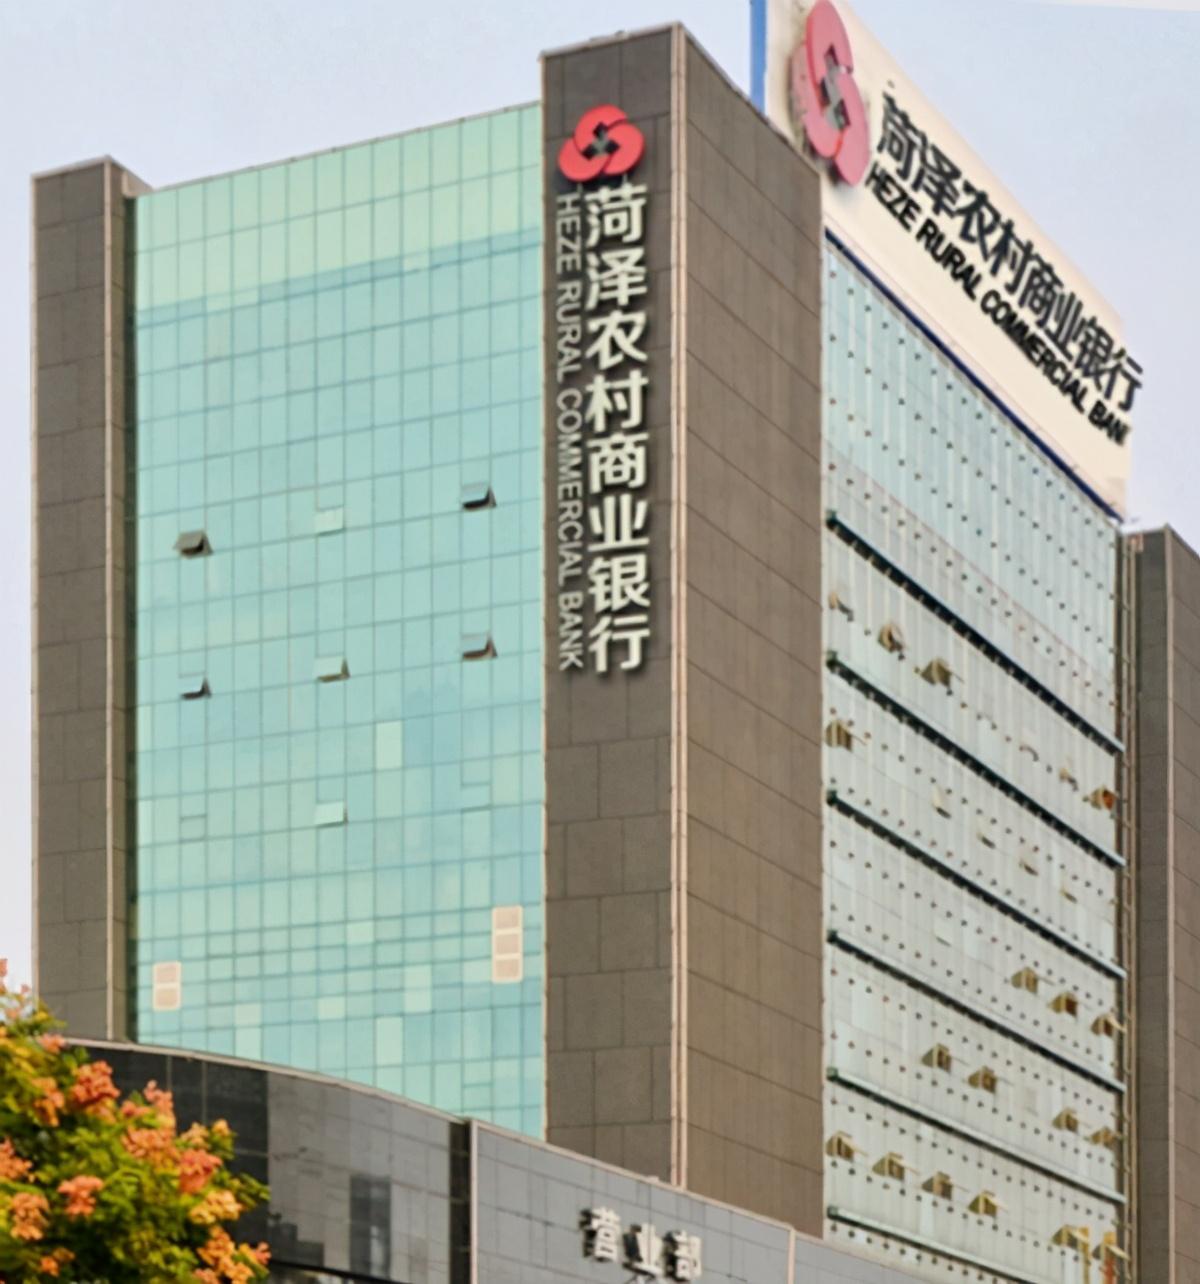 菏泽农村商业银行冲刺上市:股权结构分散,资产质量承压